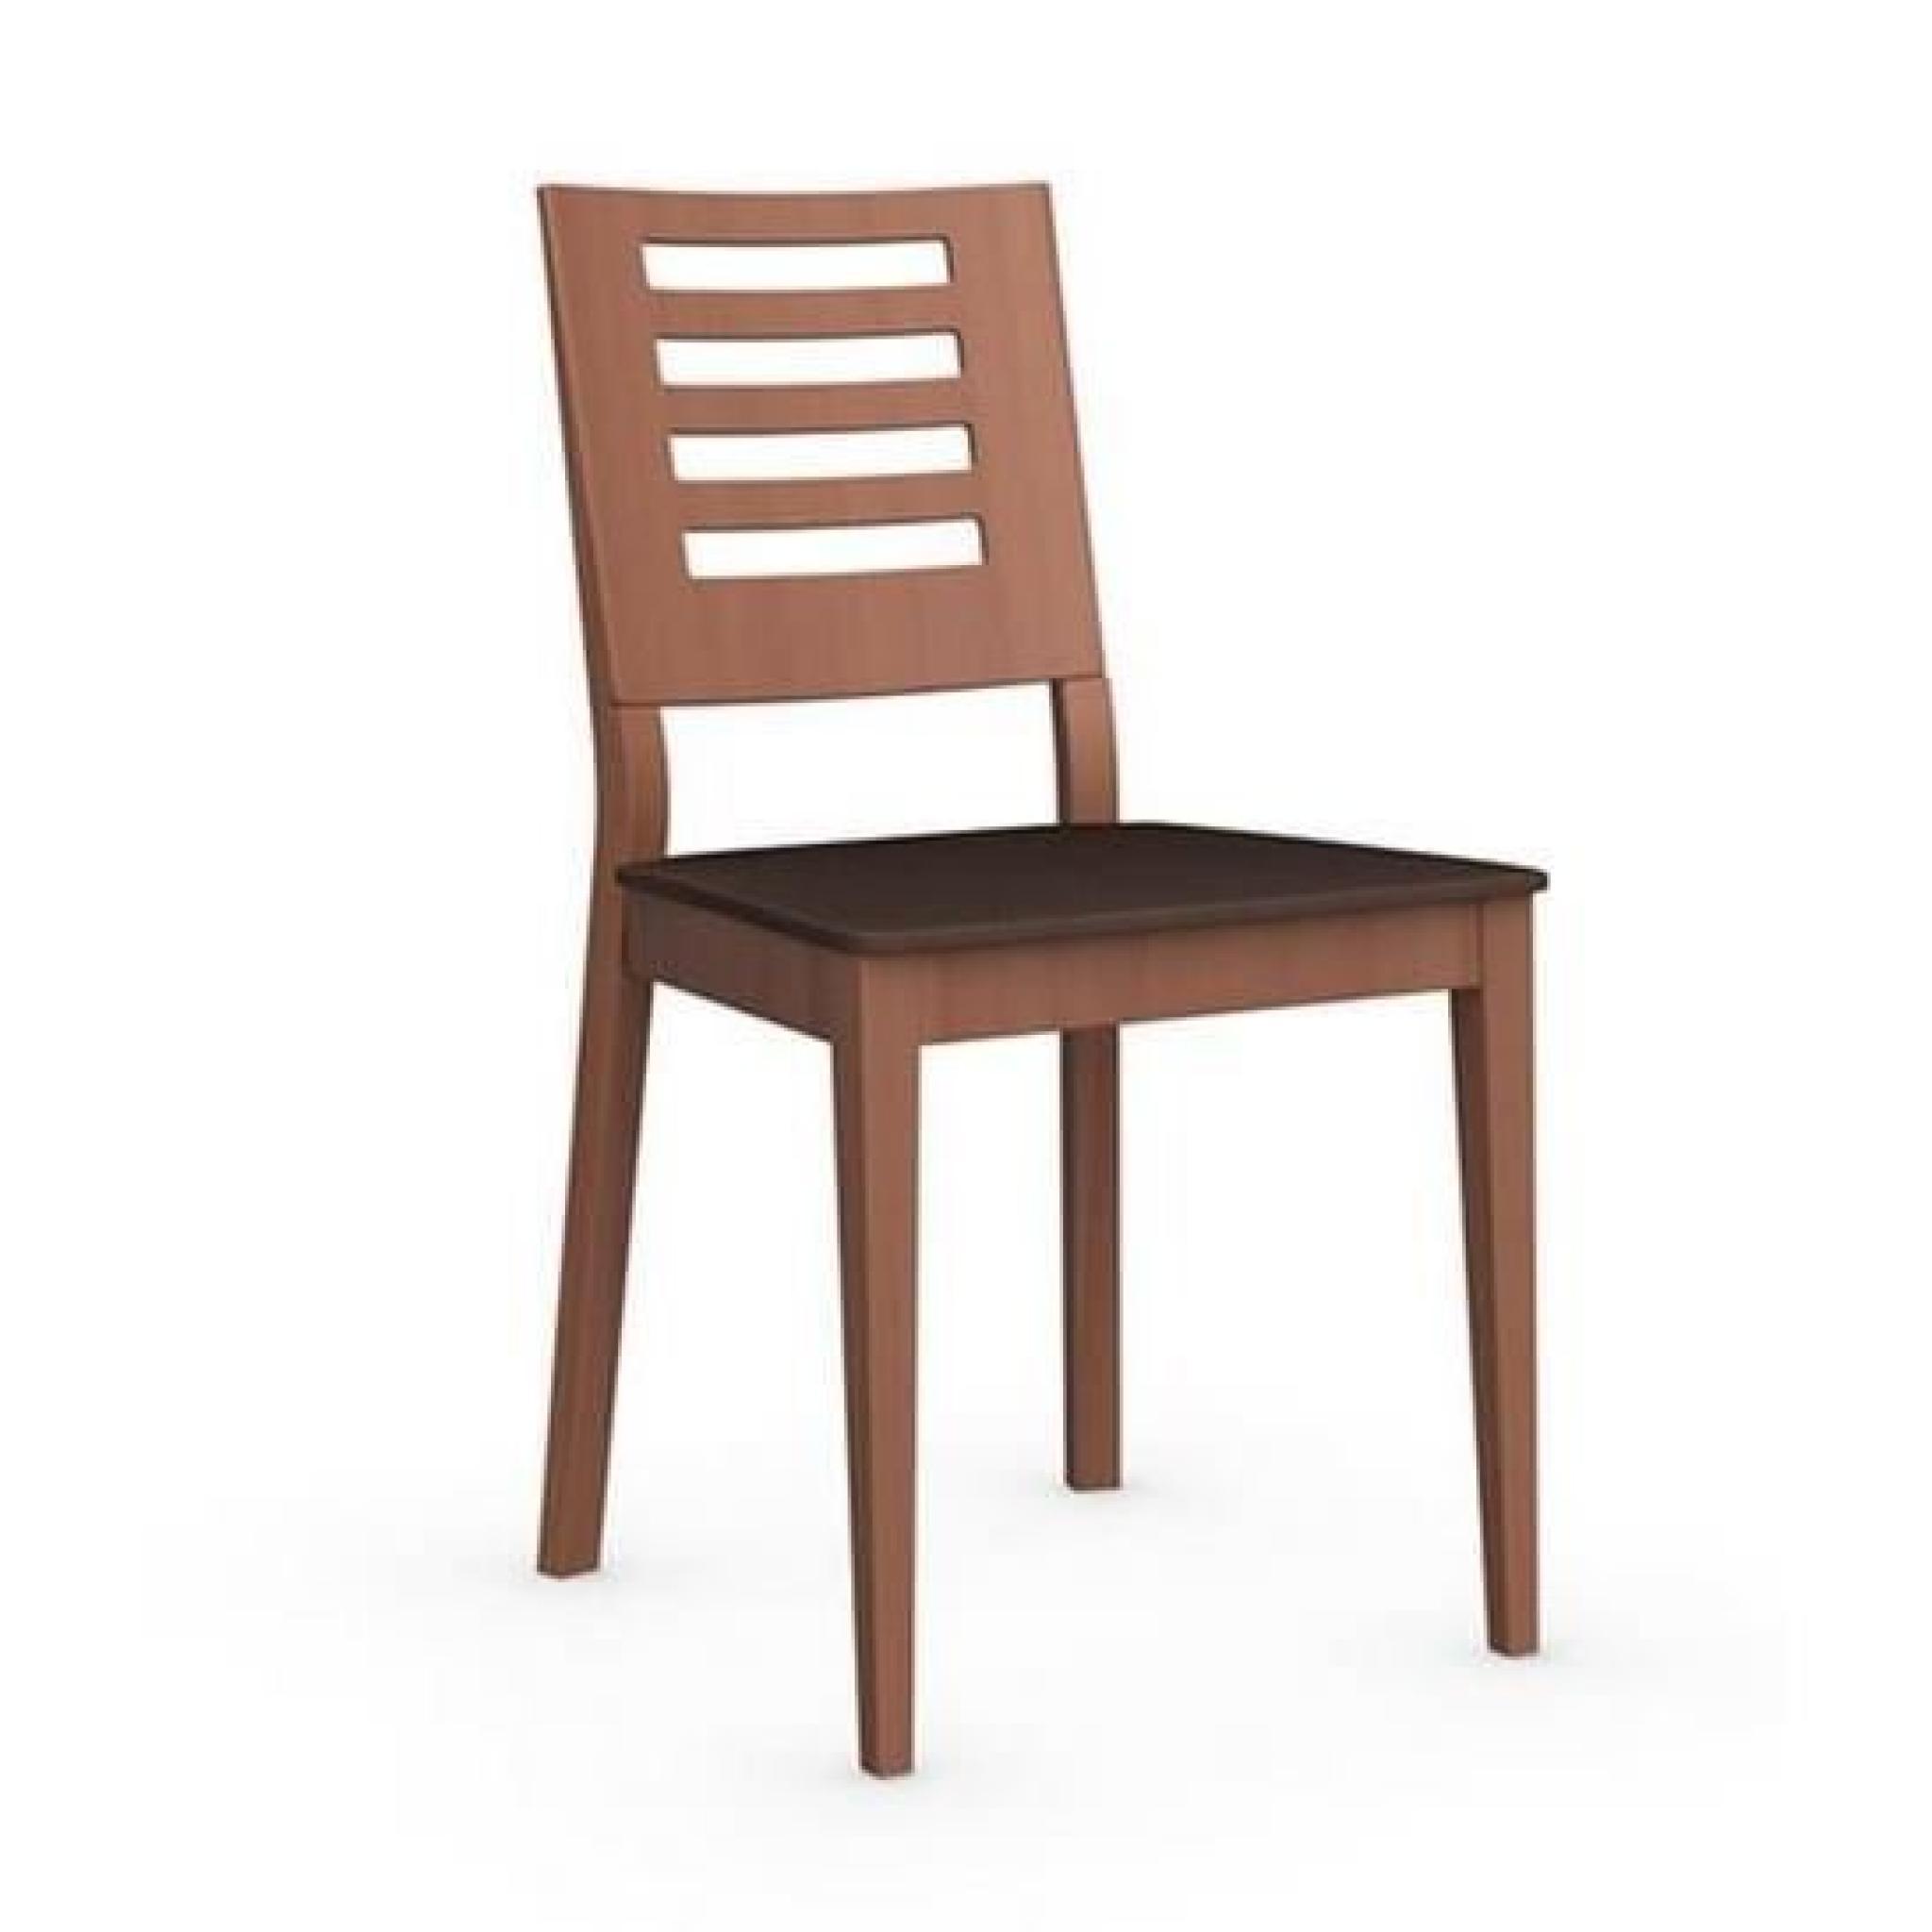 Chaise italienne STYLE de CALLIGARIS structure merisier plusieurs choix de coloris